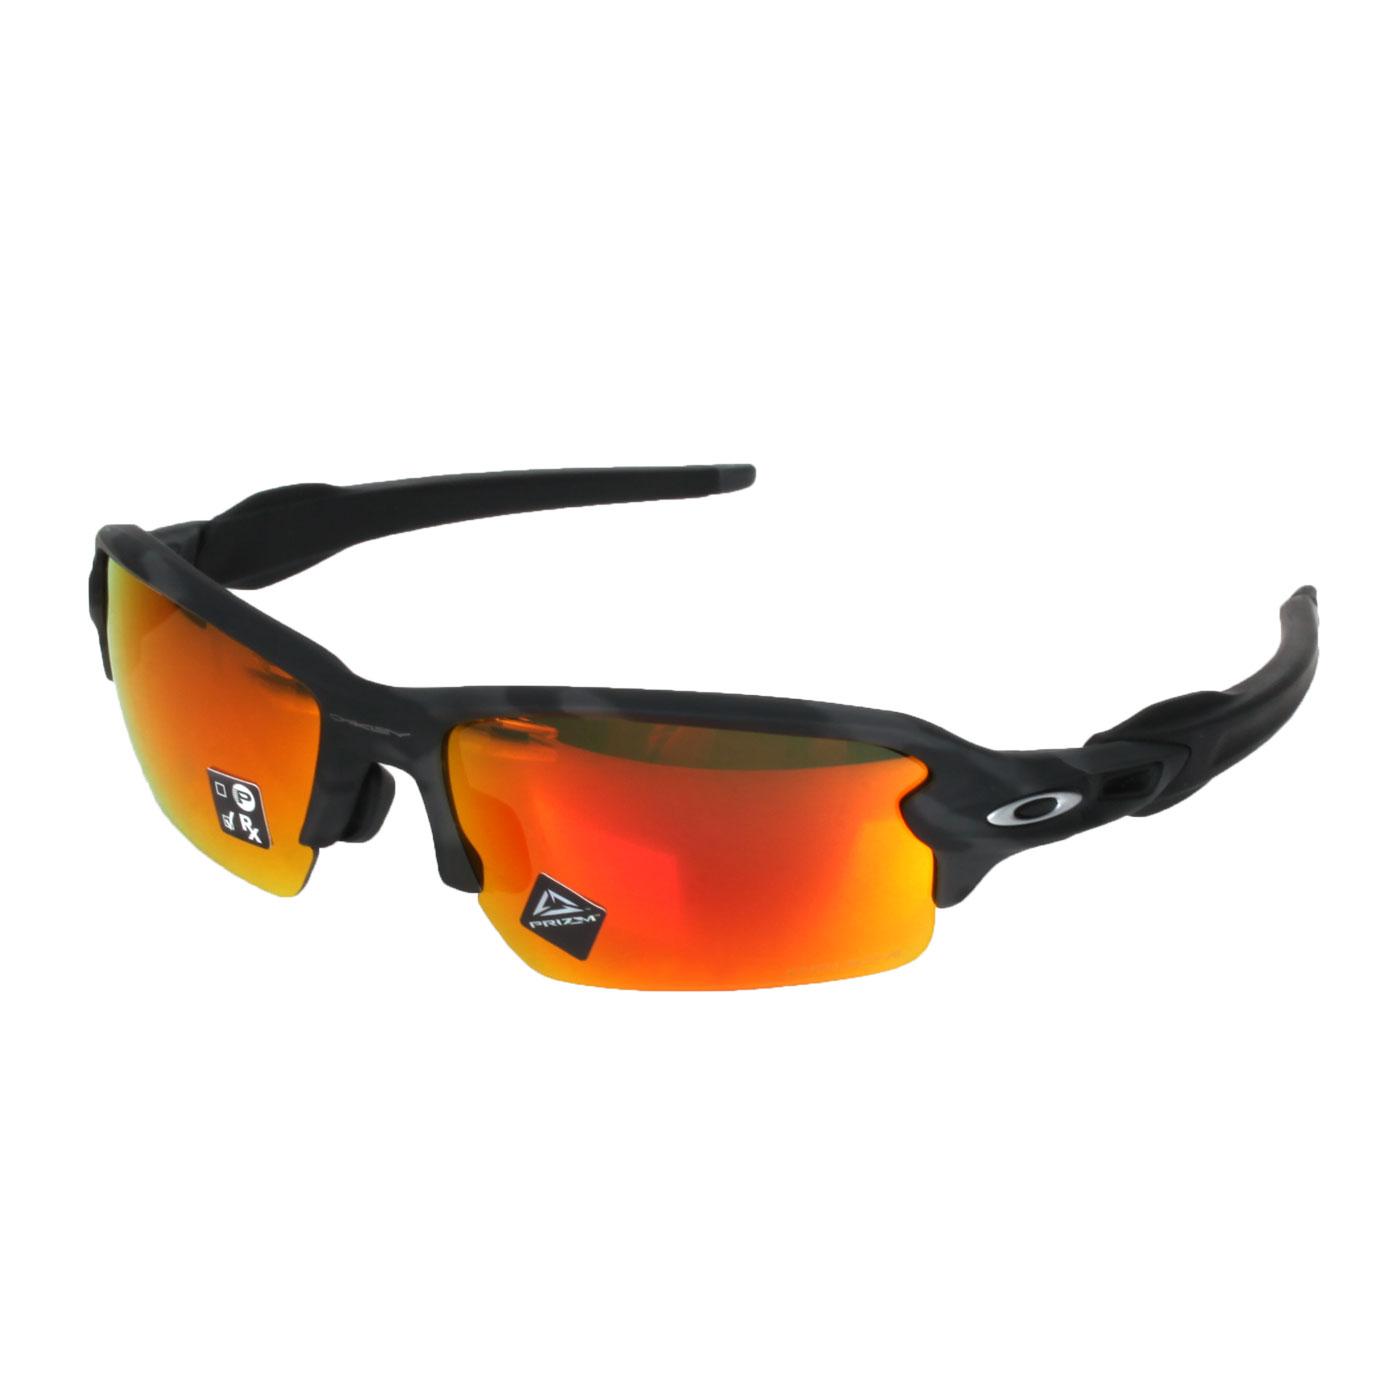 OAKLEY FLAK 2.0一般太陽眼鏡(附硬盒鼻墊) OAK-OO9271-2761